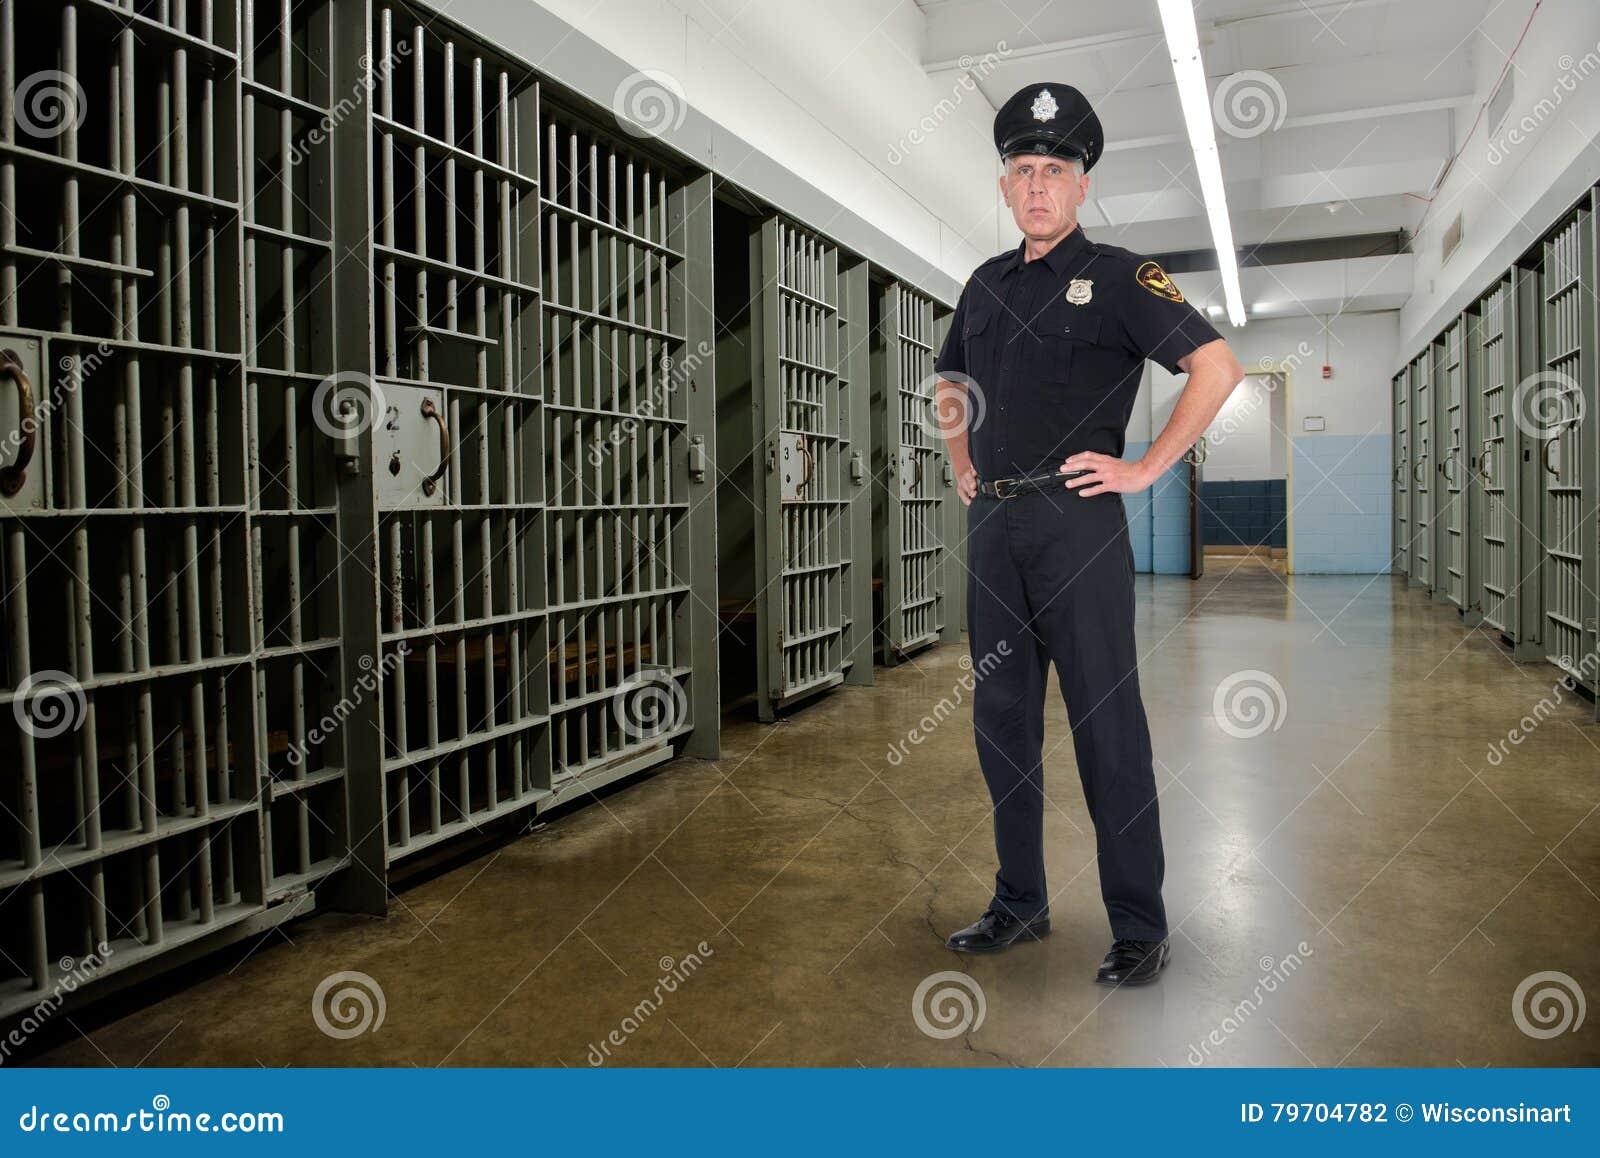 Prison, prison, police, police